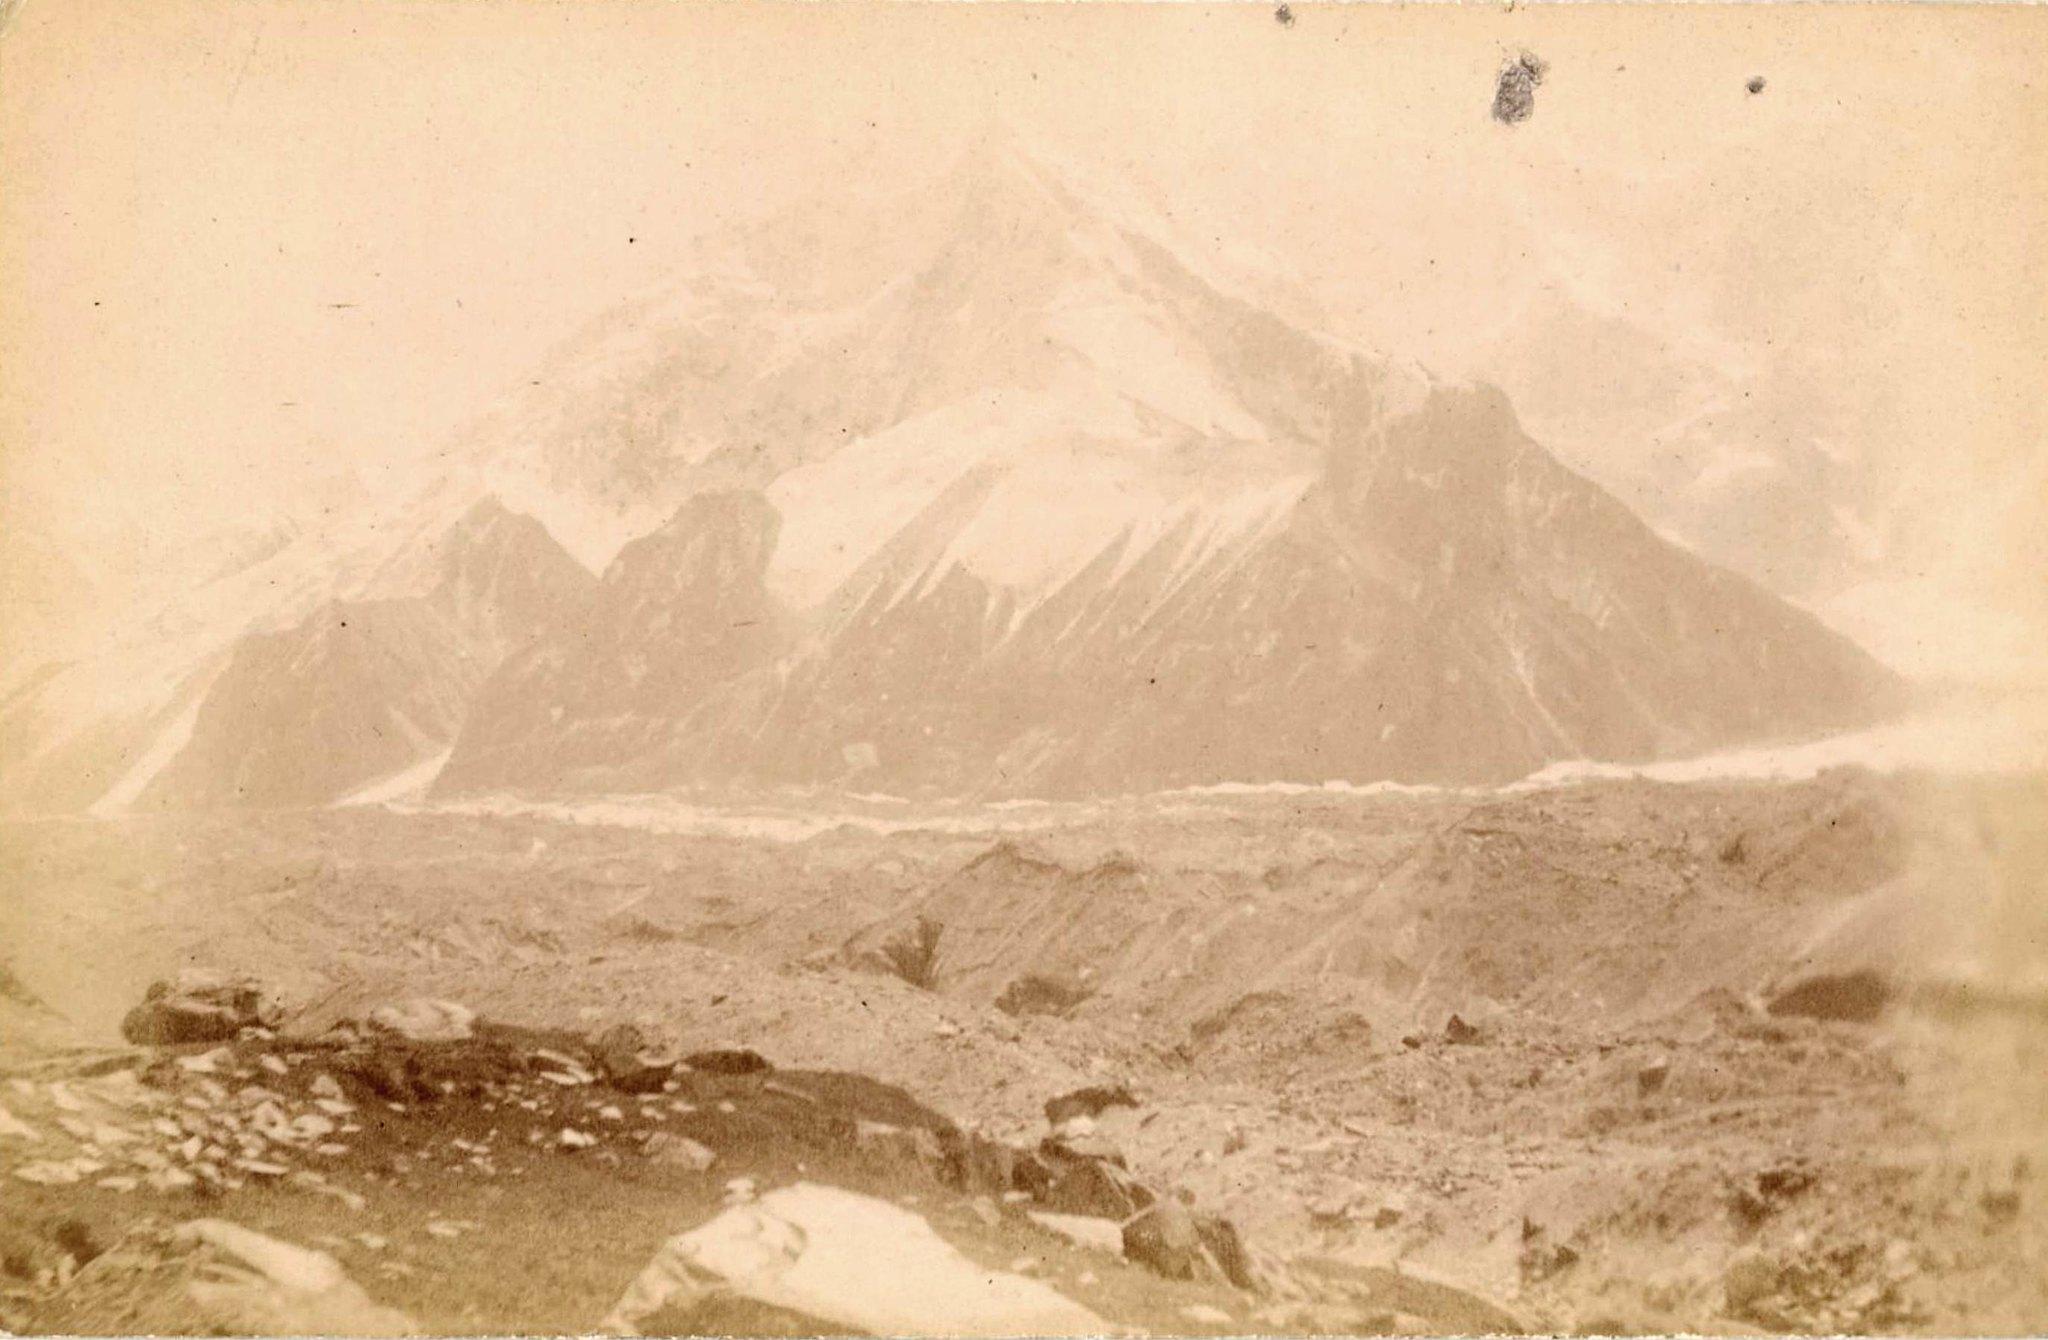 15. Ледники гор Хан-Тенгри. Ледник Восточный Моцарт